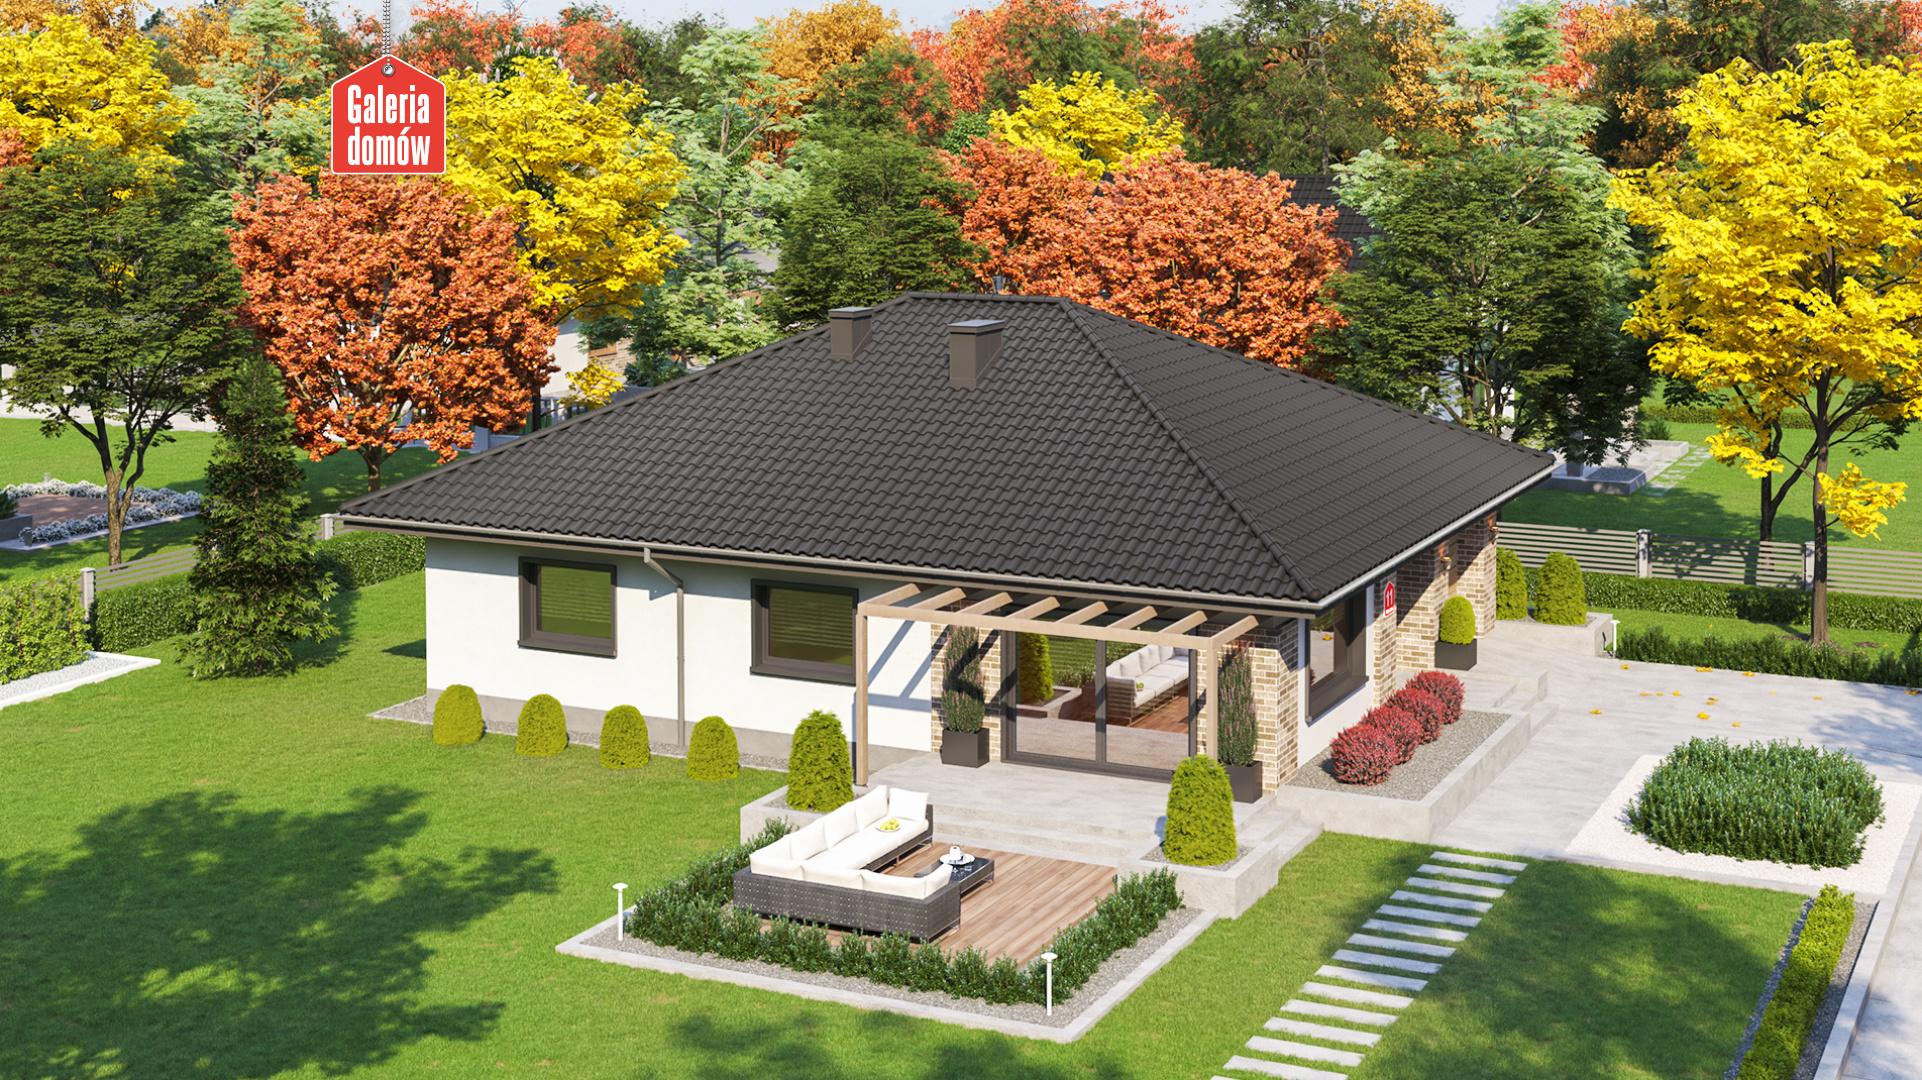 Dom przy Słonecznej 11 - widok od ogrodu